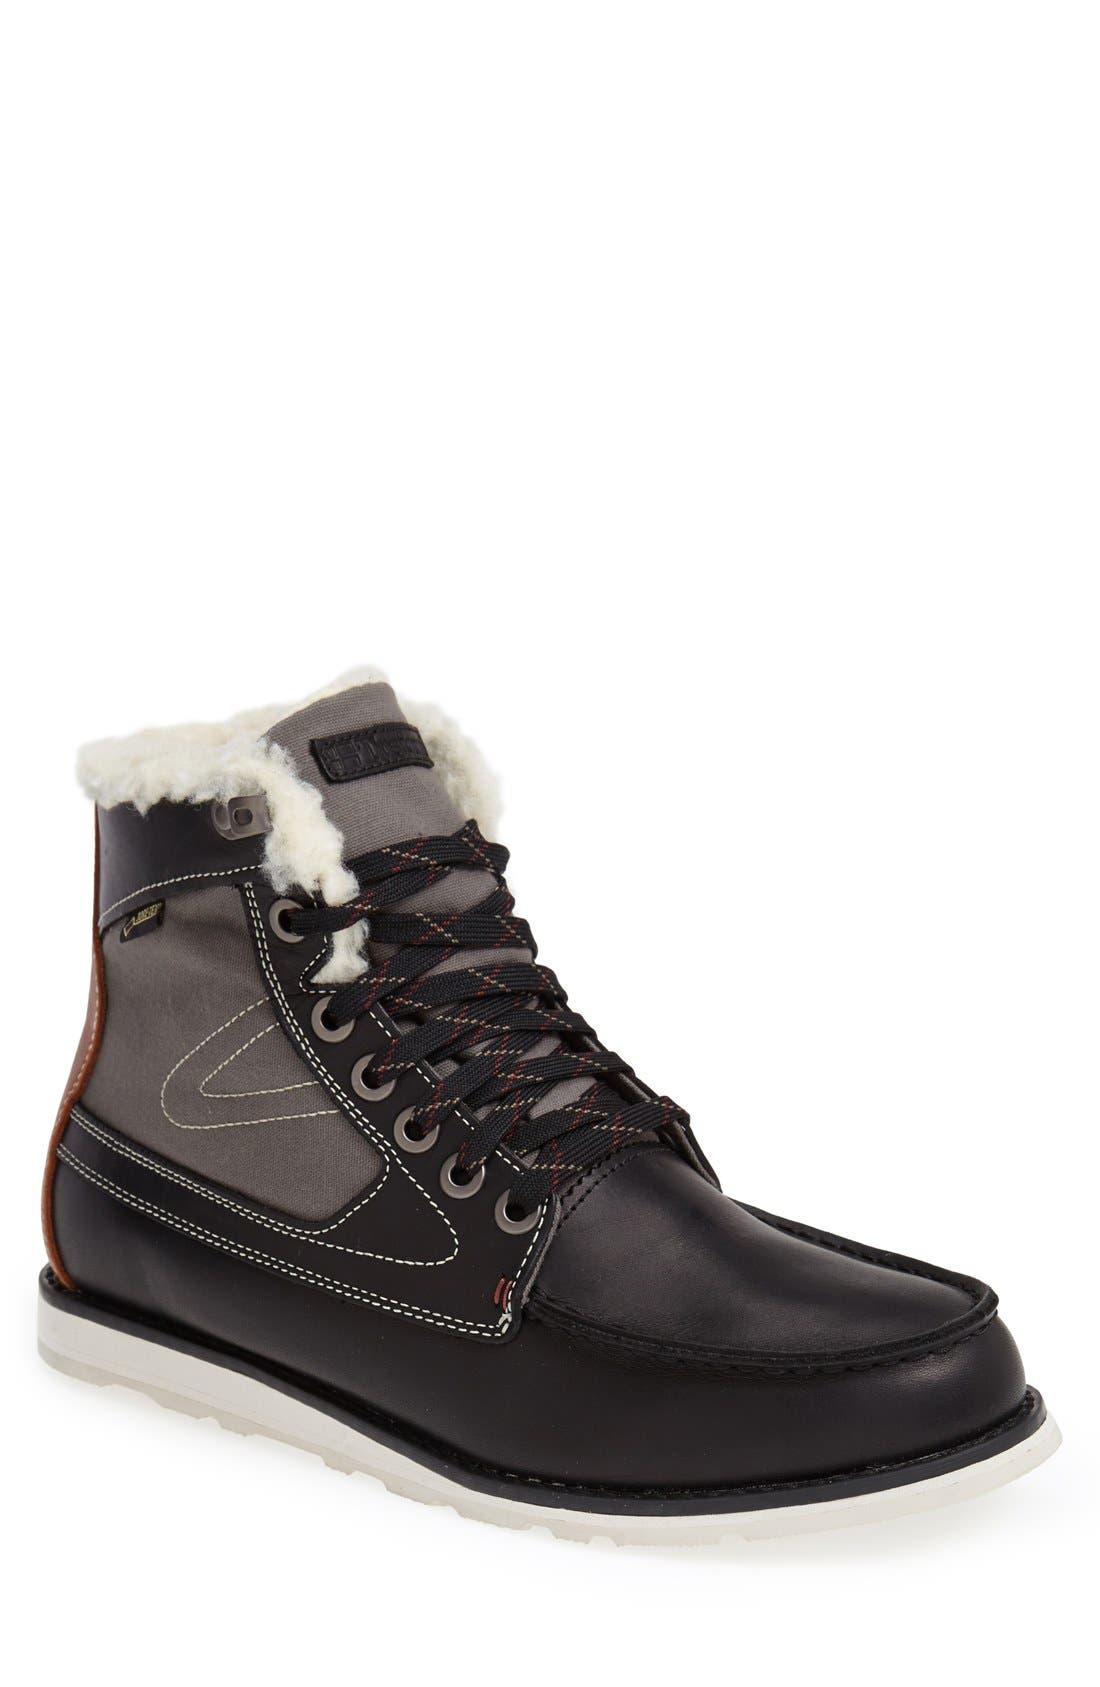 'Gärde Stövel Vinter GTX' Boot, Main, color, 001